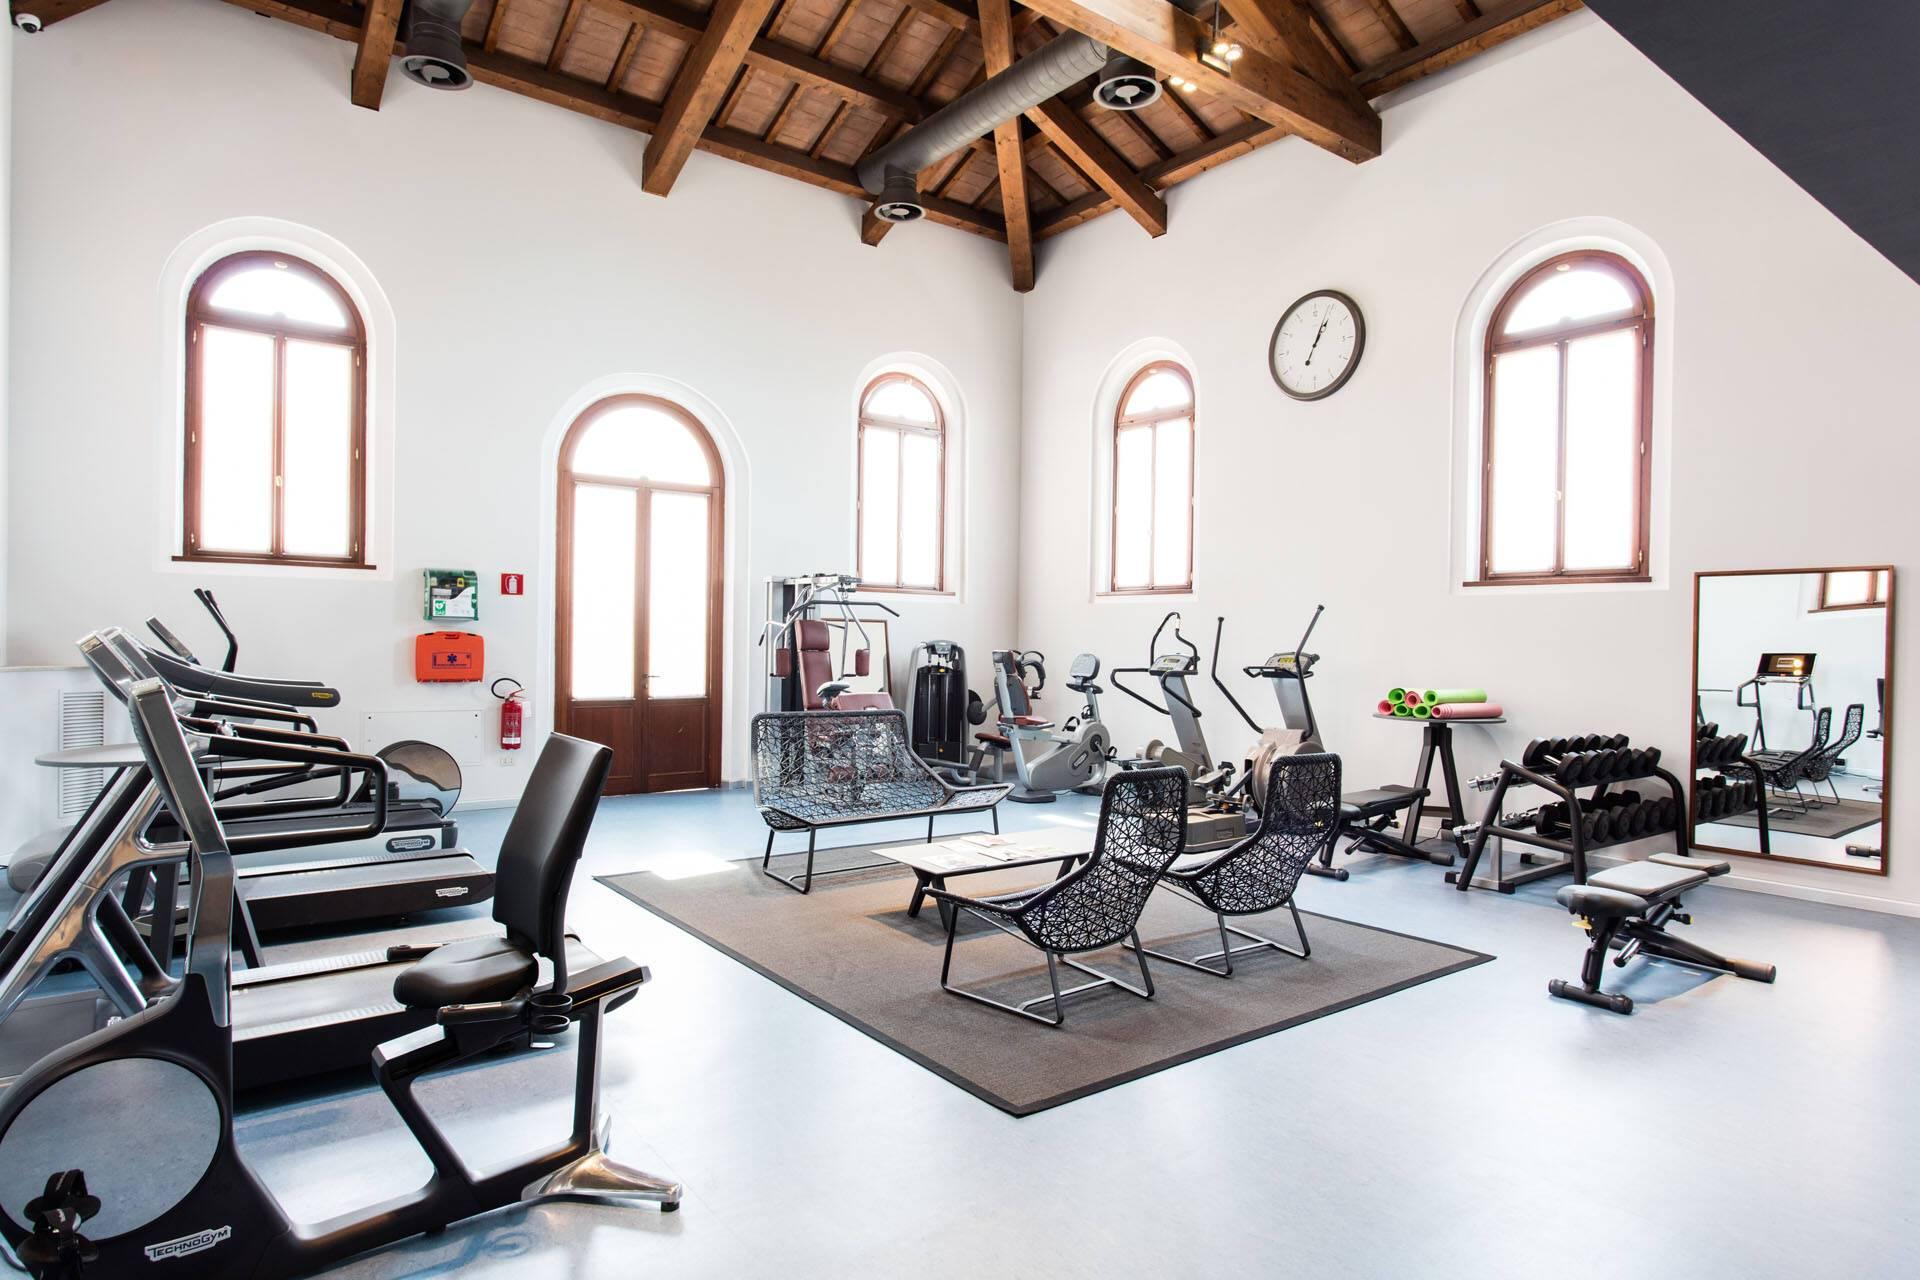 San Clemente Palace Venise Fitness Center